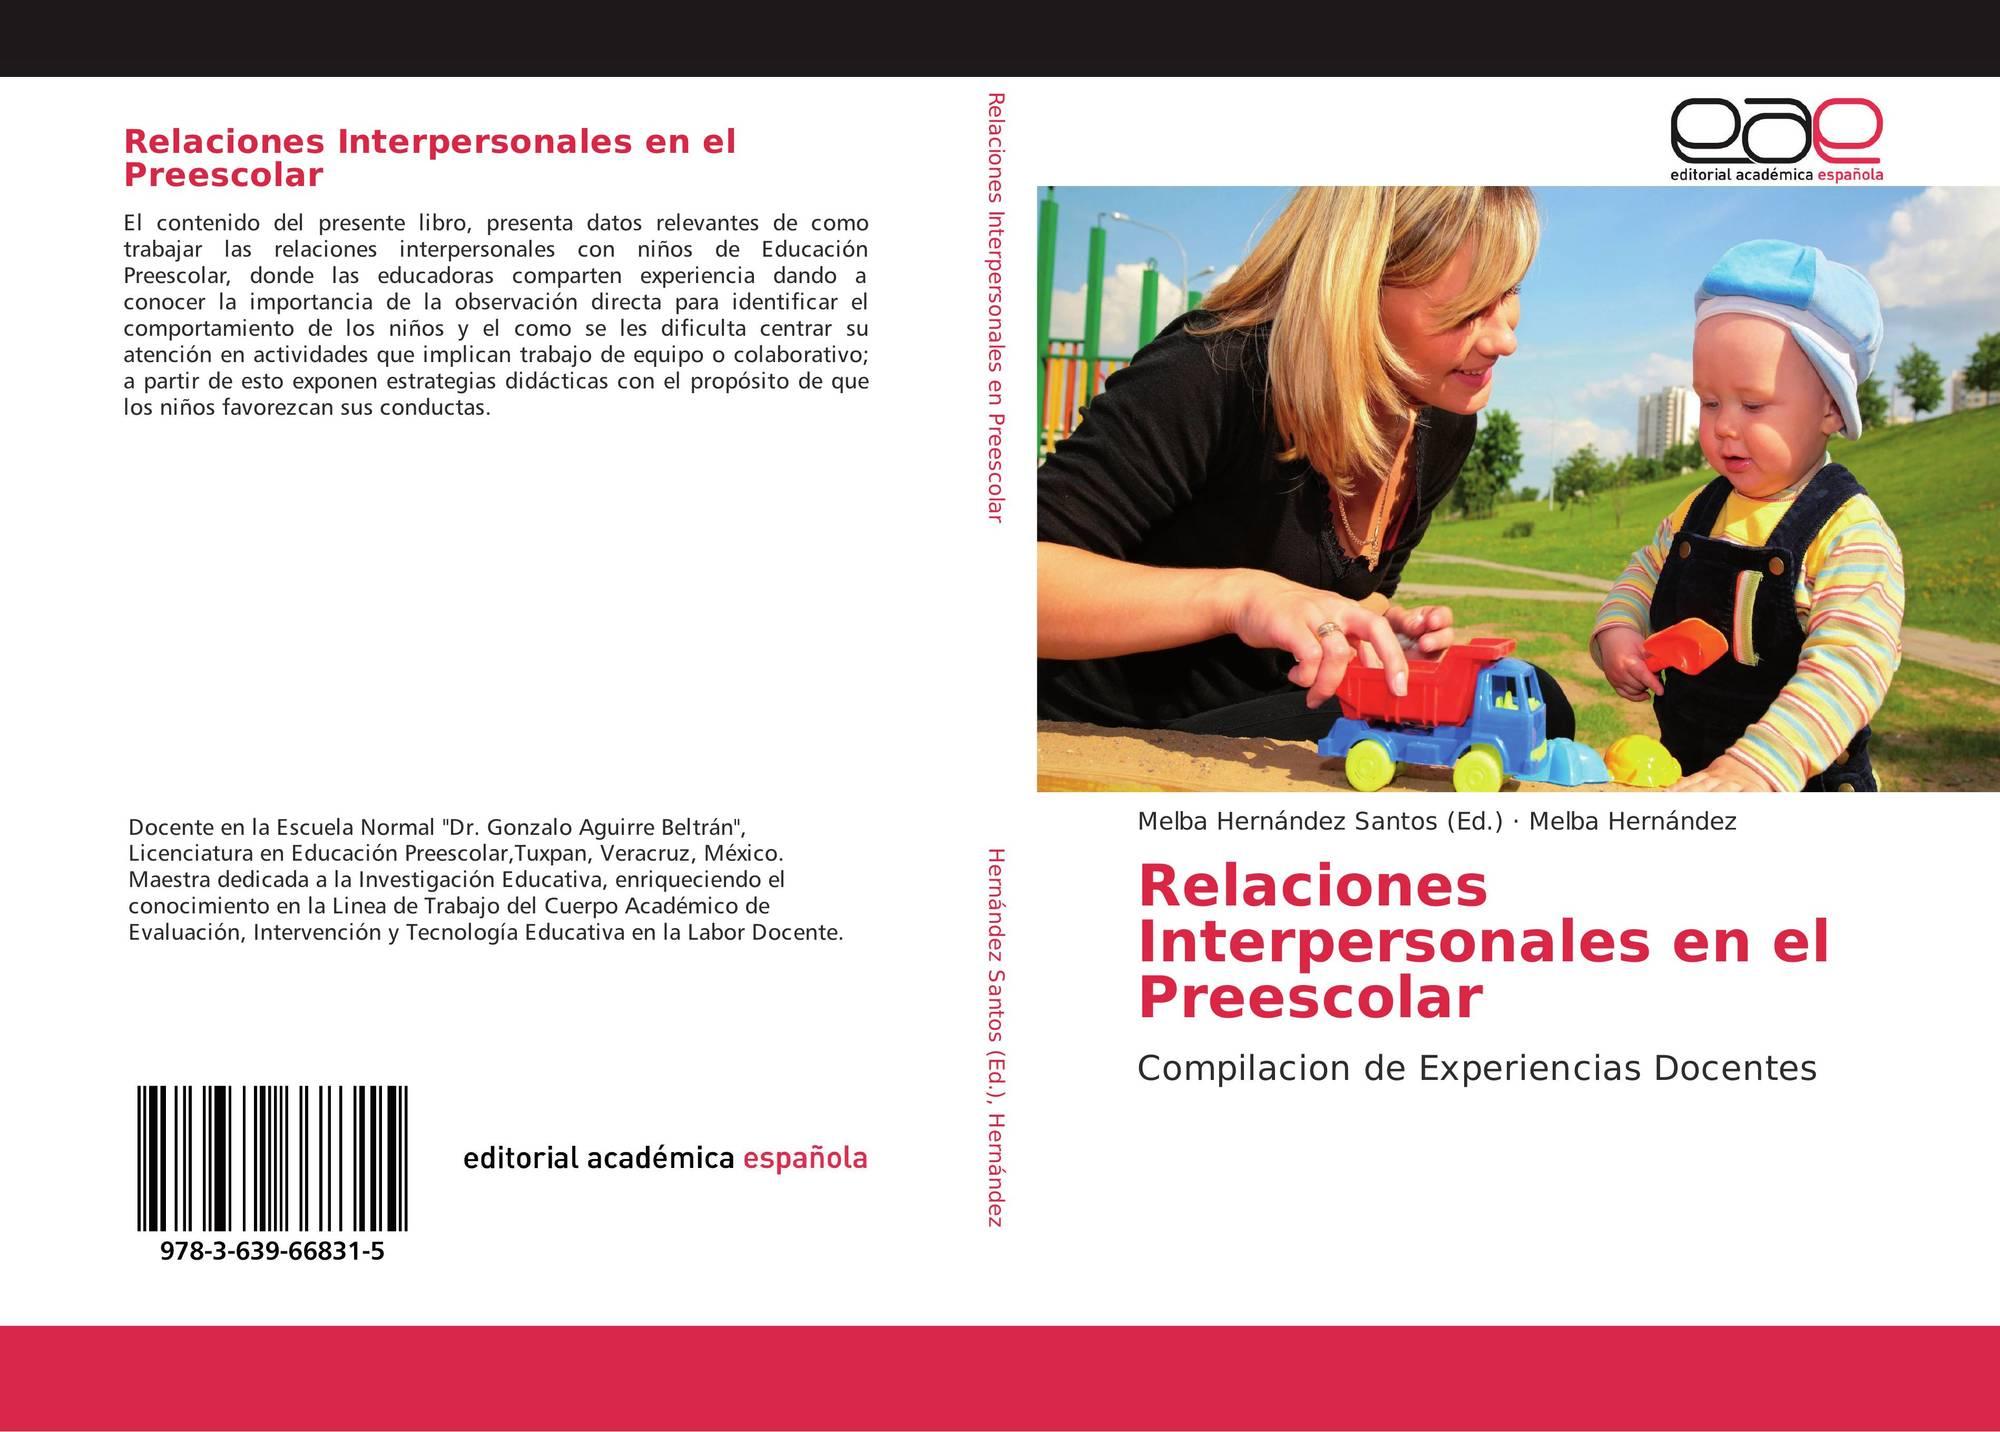 juegos para favorecer las relaciones interpersonales en preescolar